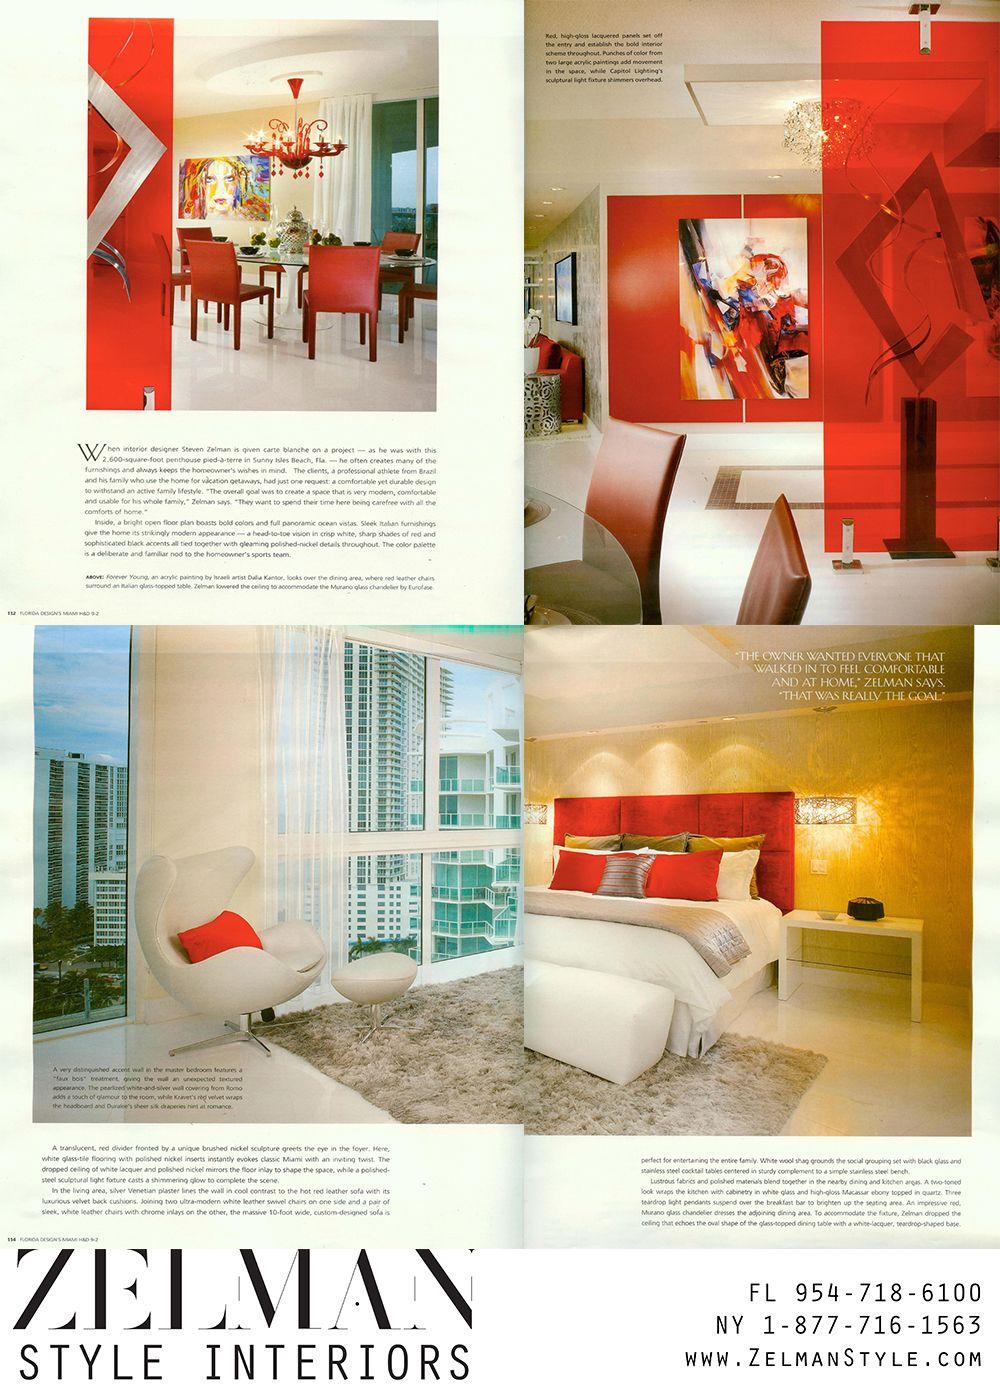 Zelmanstyle Com Featured In Miami Home Decor Magazine Mia365